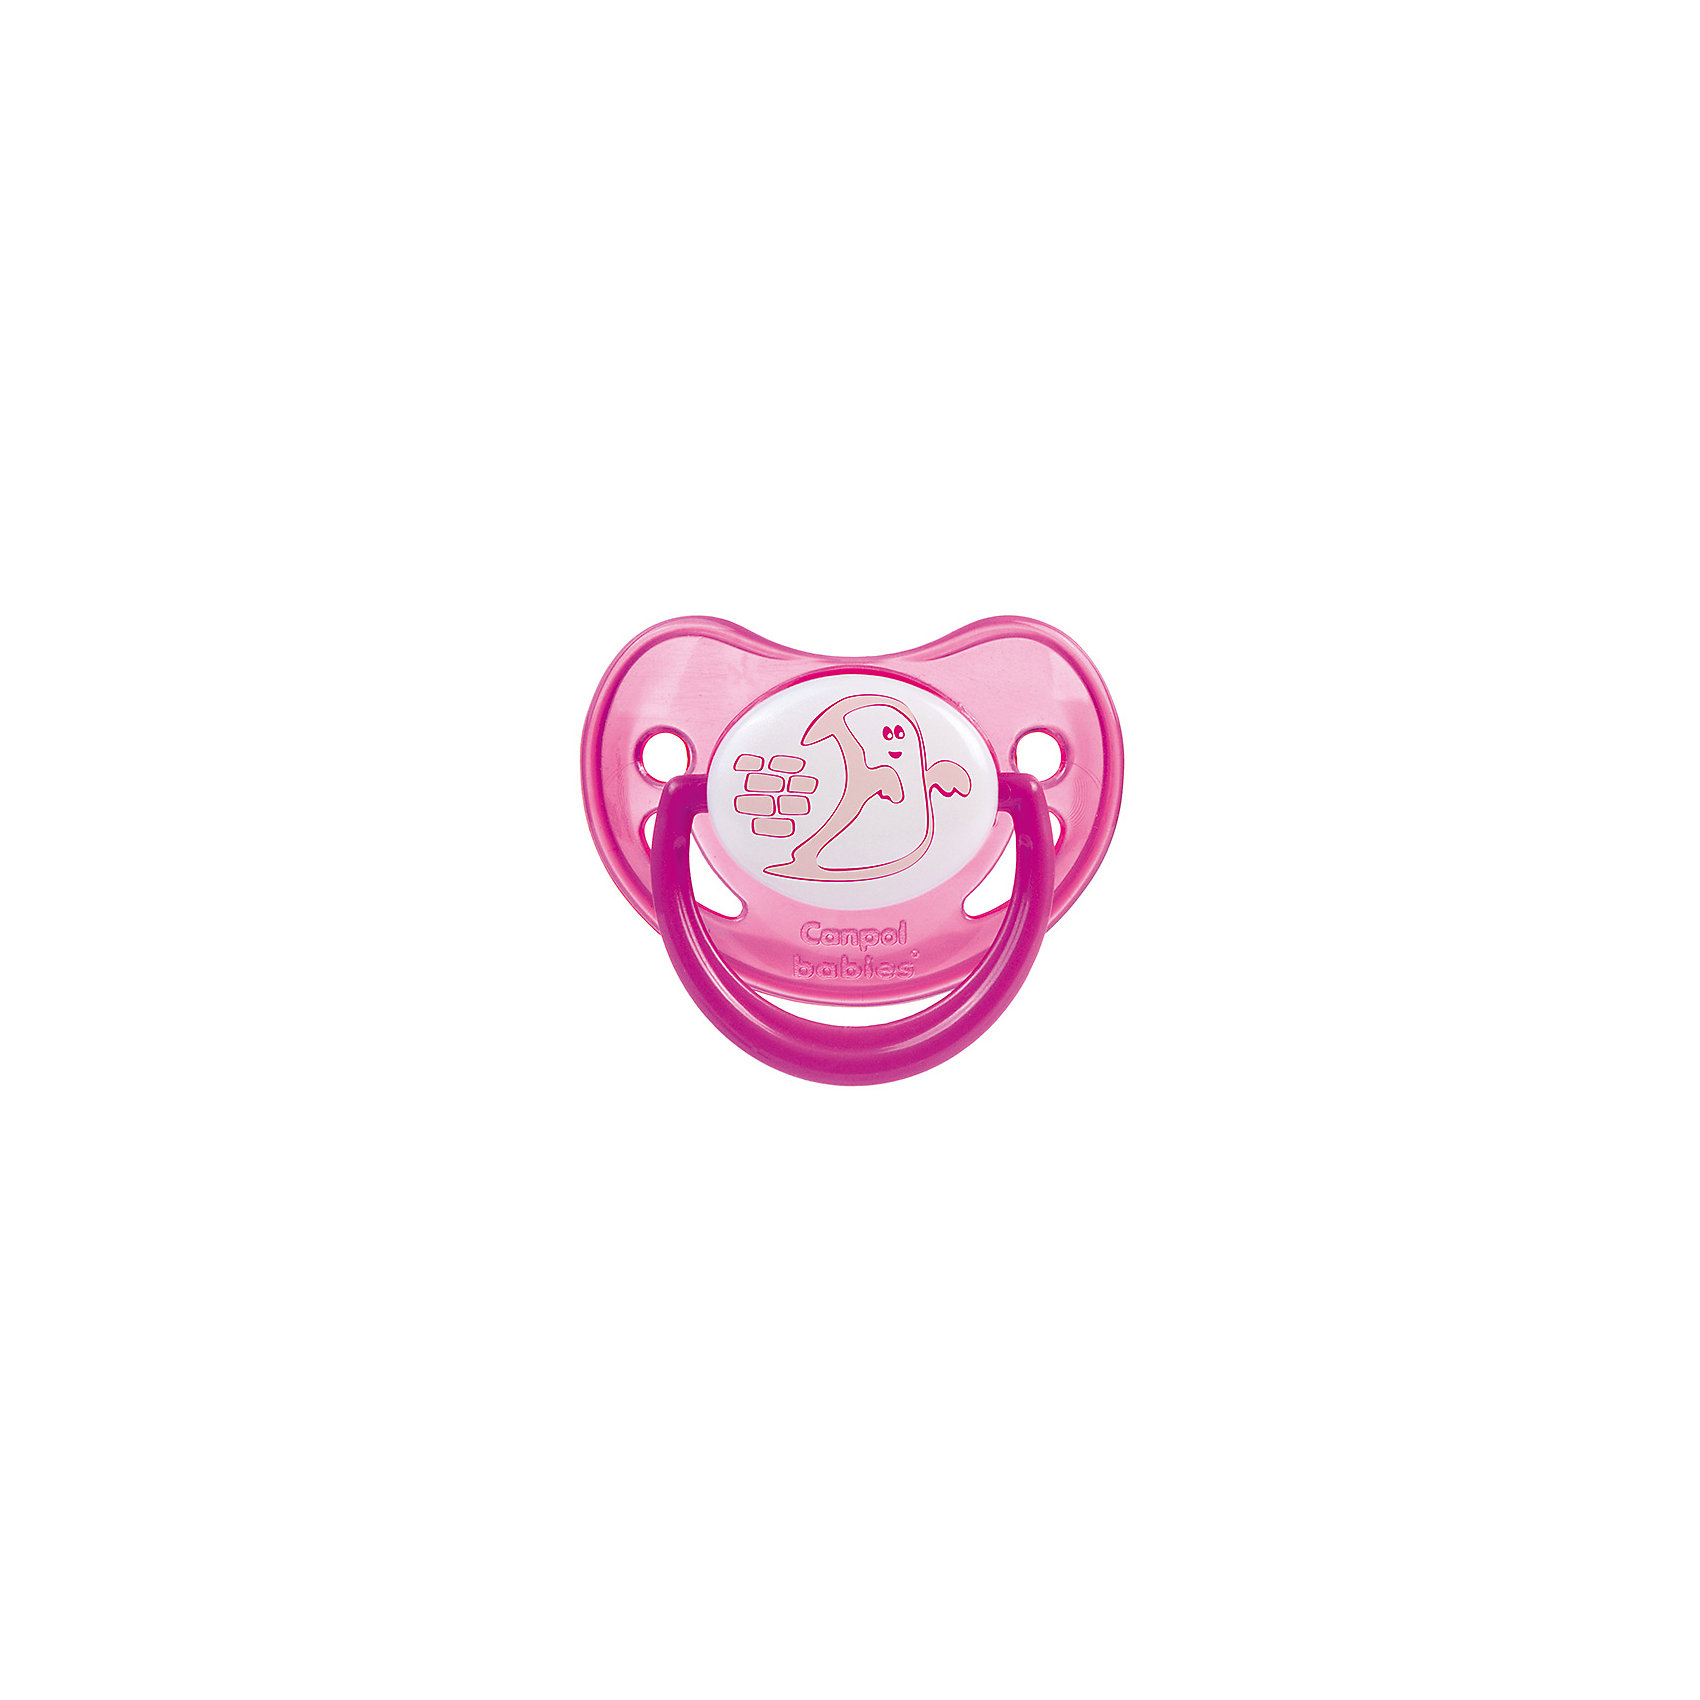 Пустышка анатомическая силиконовая, 0-6 Night Dreams, Canpol Babies, красныйХарактеристики:<br><br>• Наименование: пустышка<br>• Пол: для девочки<br>• Материал: силикон, пластик<br>• Цвет: красный, белый, розовый<br>• Форма: анатомическая<br>• Наличие отверстий для вентиляции<br>• Наличие кольца для держателя<br>• Особенности ухода: регулярная стерилизация и своевременная замена<br><br>Пустышка анатомическая силиконовая, 0-6 Night Dreams, Canpol Babies, красный имеет специальную форму, которая обеспечивает правильное давление на небо. Изготовлена из запатентованного вида силикона, который не имеет запаха. При правильном уходе обеспечивает длительное использование. У соски имеется классический ограничитель с отверстиями для вентиляции и кольцо для держателя, которое светится в темноте. Пустышка анатомическая силиконовая, 0-6 Night Dreams, Canpol Babies, красный выполнена в ярком дизайне с изображением милого привидения.<br><br>Пустышку анатомическую силиконовую, 0-6 Night Dreams, Canpol Babies, красную можно купить в нашем интернет-магазине.<br><br>Ширина мм: 95<br>Глубина мм: 45<br>Высота мм: 155<br>Вес г: 110<br>Возраст от месяцев: 0<br>Возраст до месяцев: 6<br>Пол: Женский<br>Возраст: Детский<br>SKU: 5156608